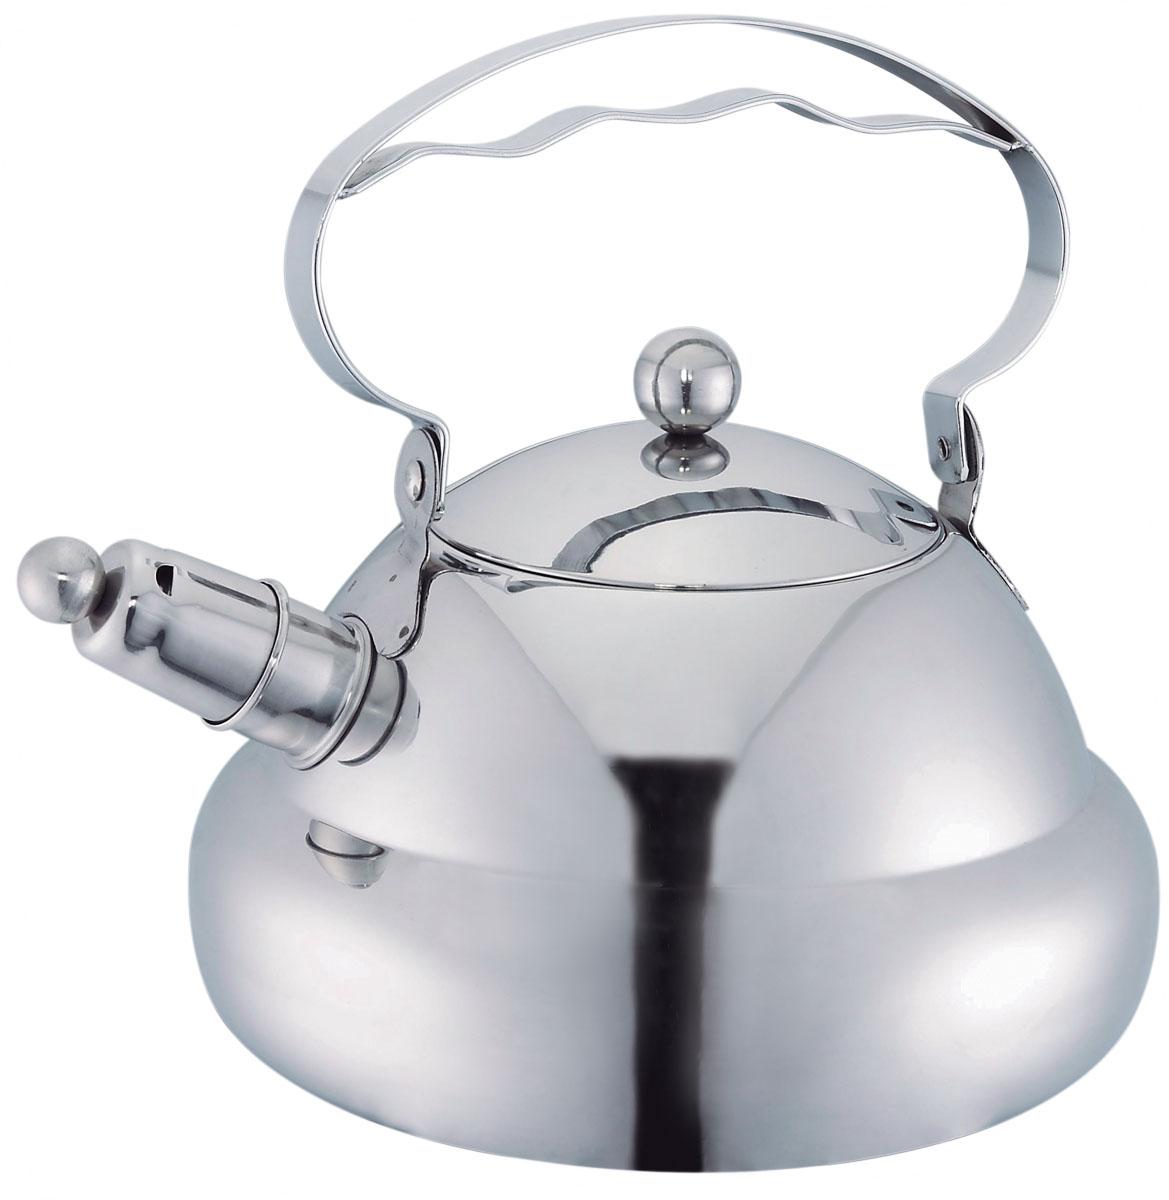 Чайник Bekker Koch со свистком, 3 л. BK-S469115510Чайник Bekker Koch изготовлен из высококачественной нержавеющей стали 18/10 с зеркальной полировкой. Цельнометаллическое дно распределяет тепло по всей поверхности, что позволяет чайнику быстро закипать. Ручка подвижная. Носик оснащен съемным свистком, который подскажет, когда вода закипела. Широкое отверстие по верхнему краю позволяет удобно наливать воду.Подходит для всех типов плит, включая индукционные. Можно мыть в посудомоечной машине.